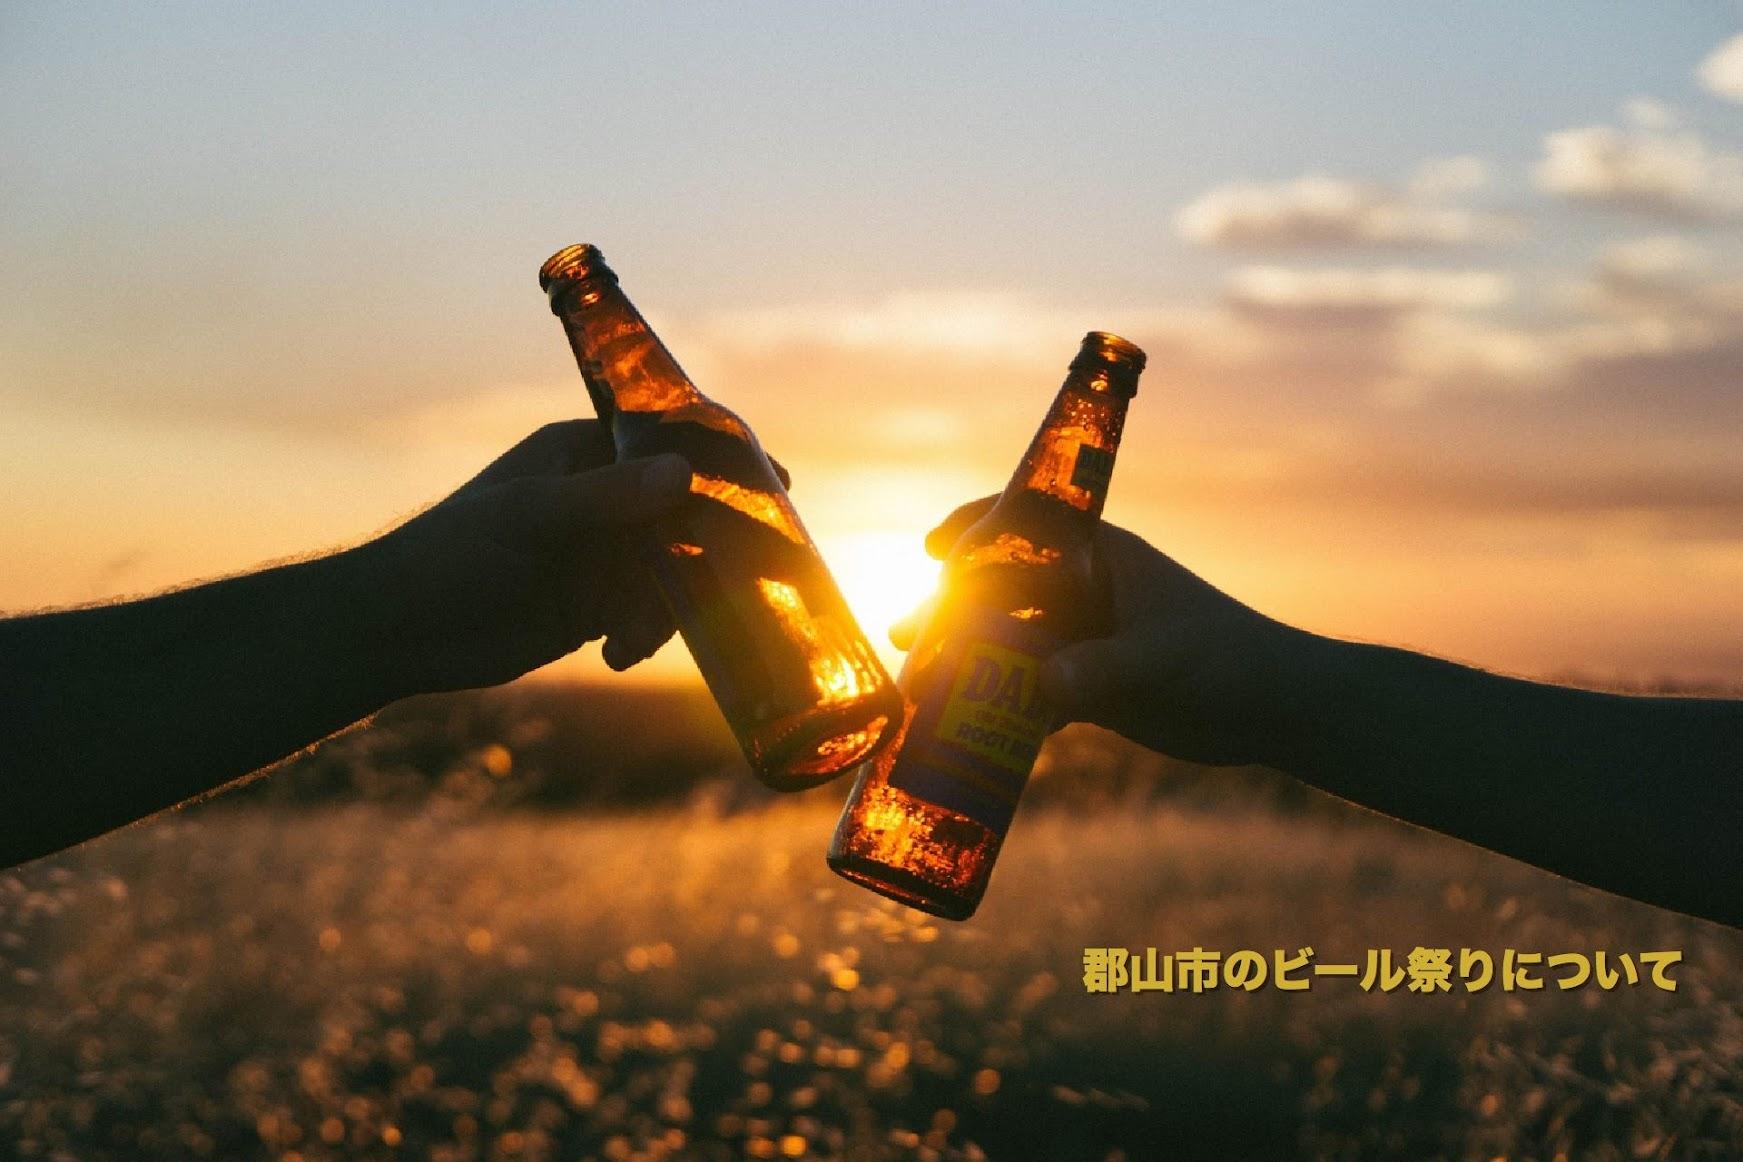 サマーフェスタ IN KORIYAMA ビール祭り について